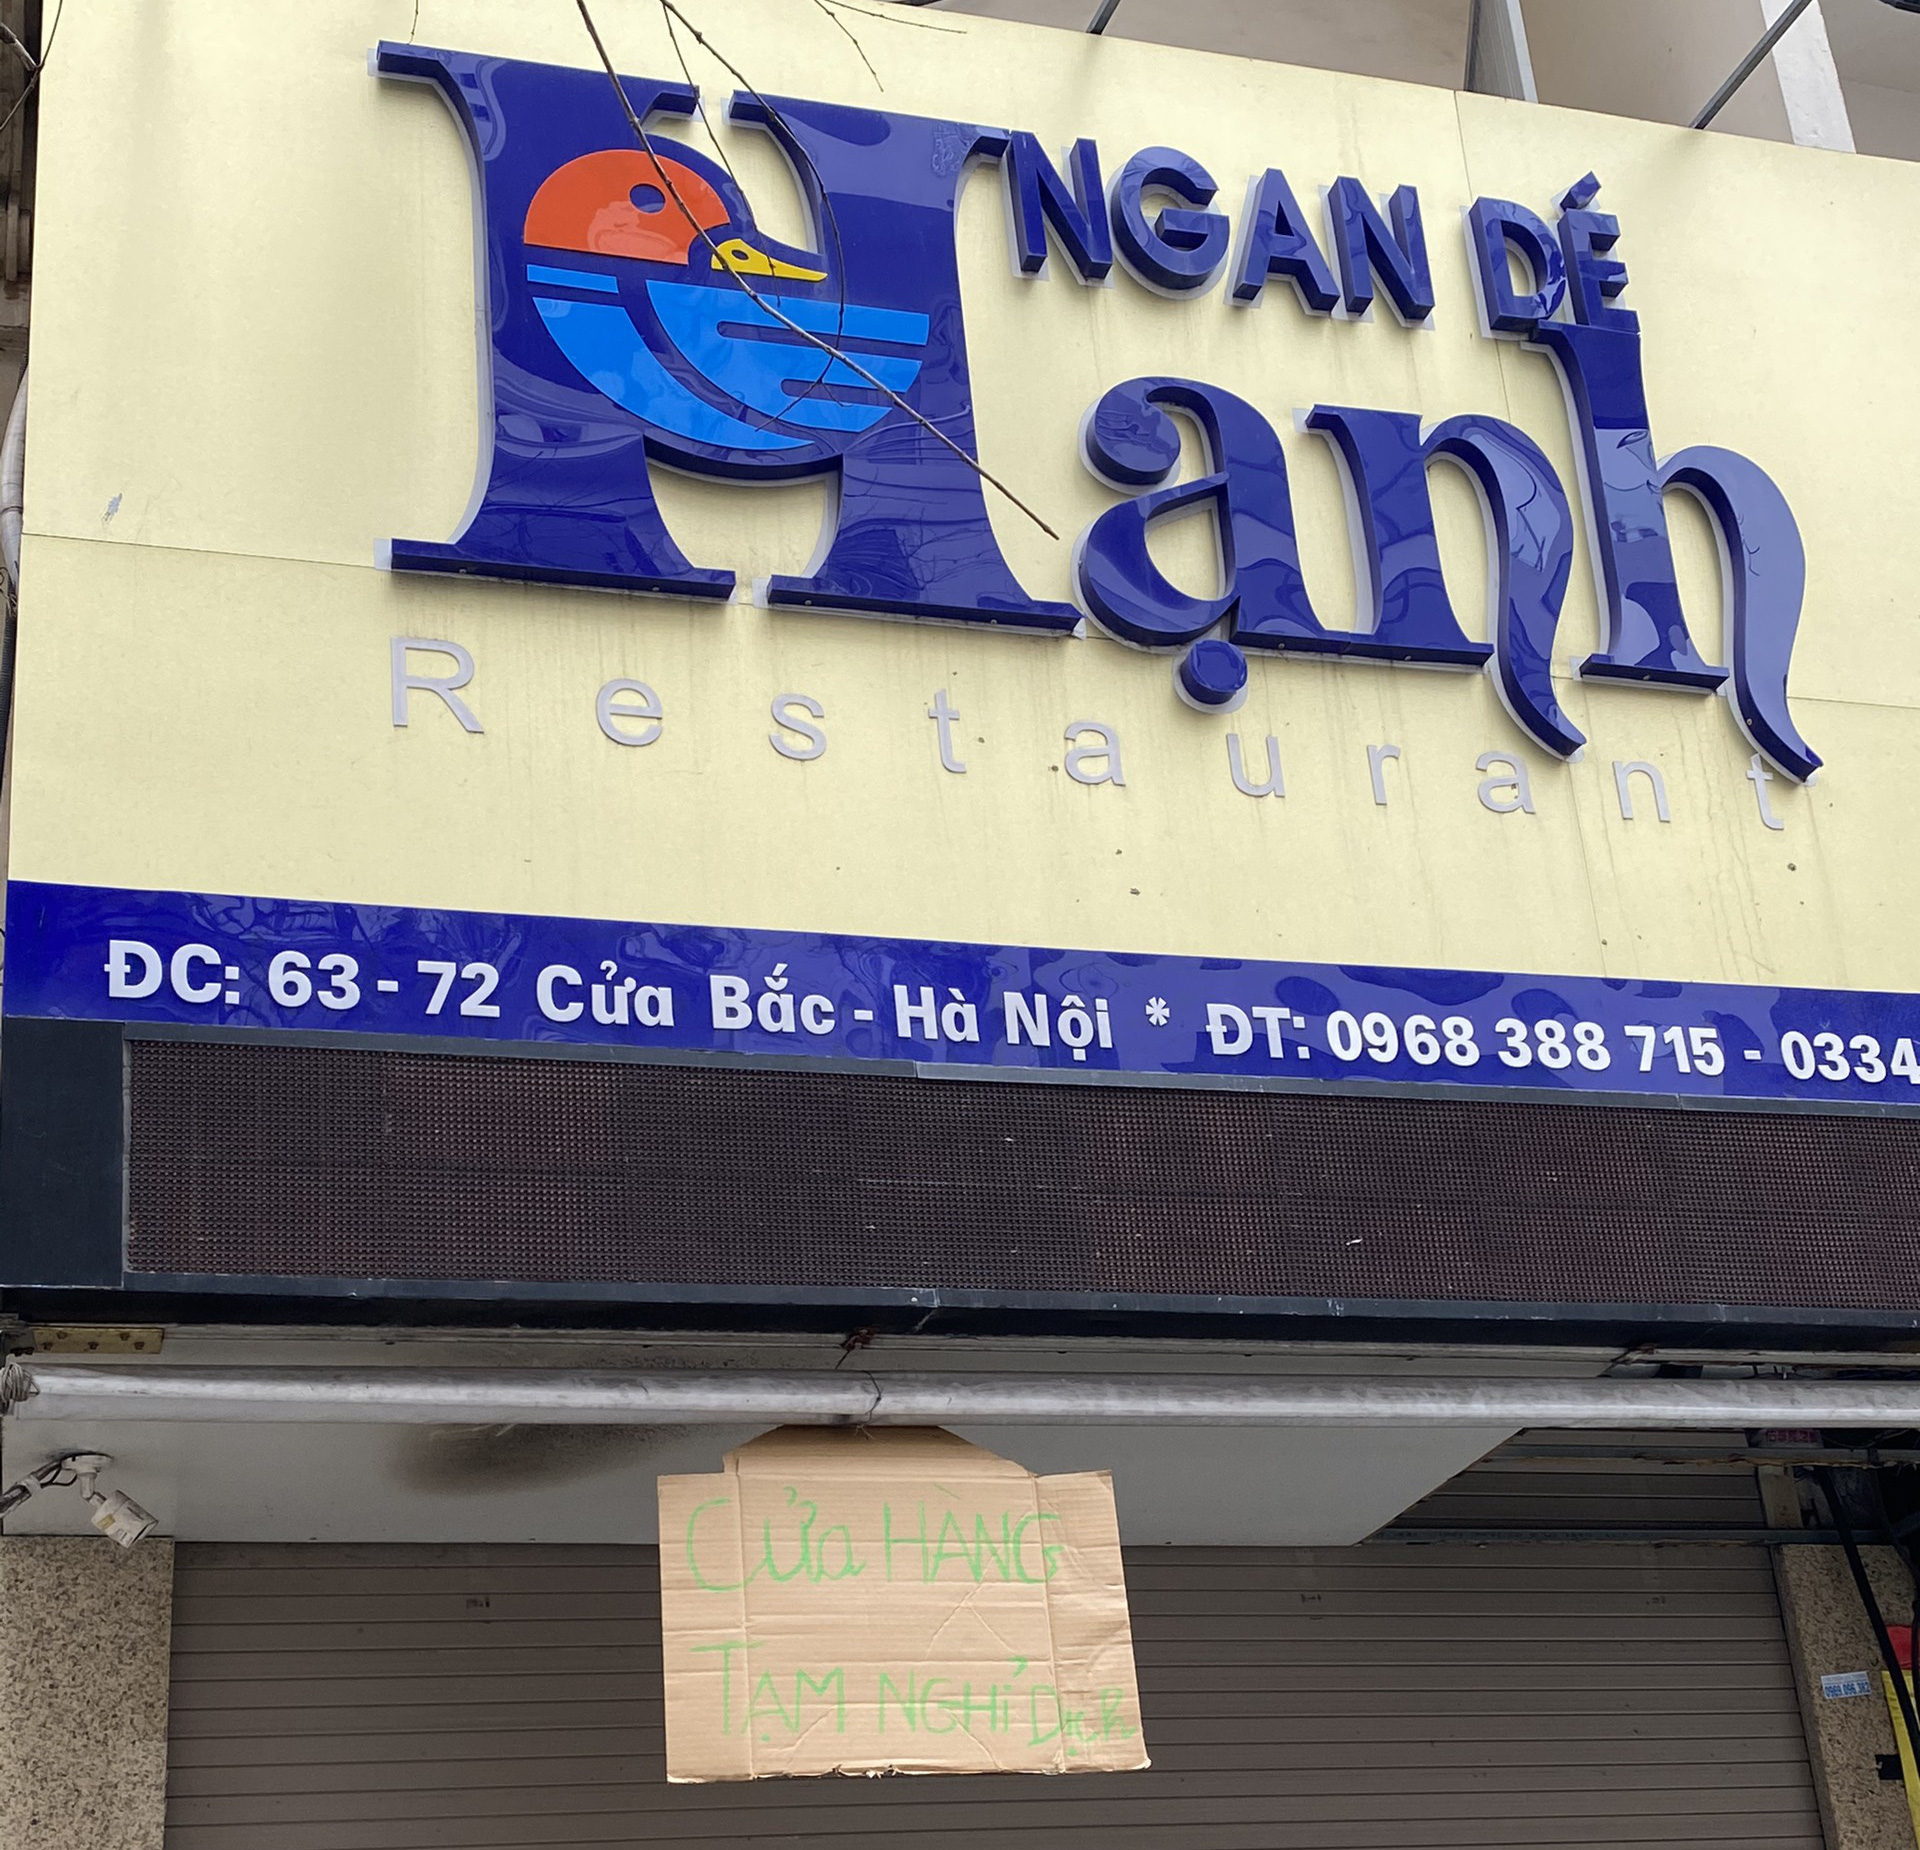 Cận cảnh loạt nhà hàng, quán ăn xung quanh phố Trúc Bạch đóng cửa vì ế khách - Ảnh 14.